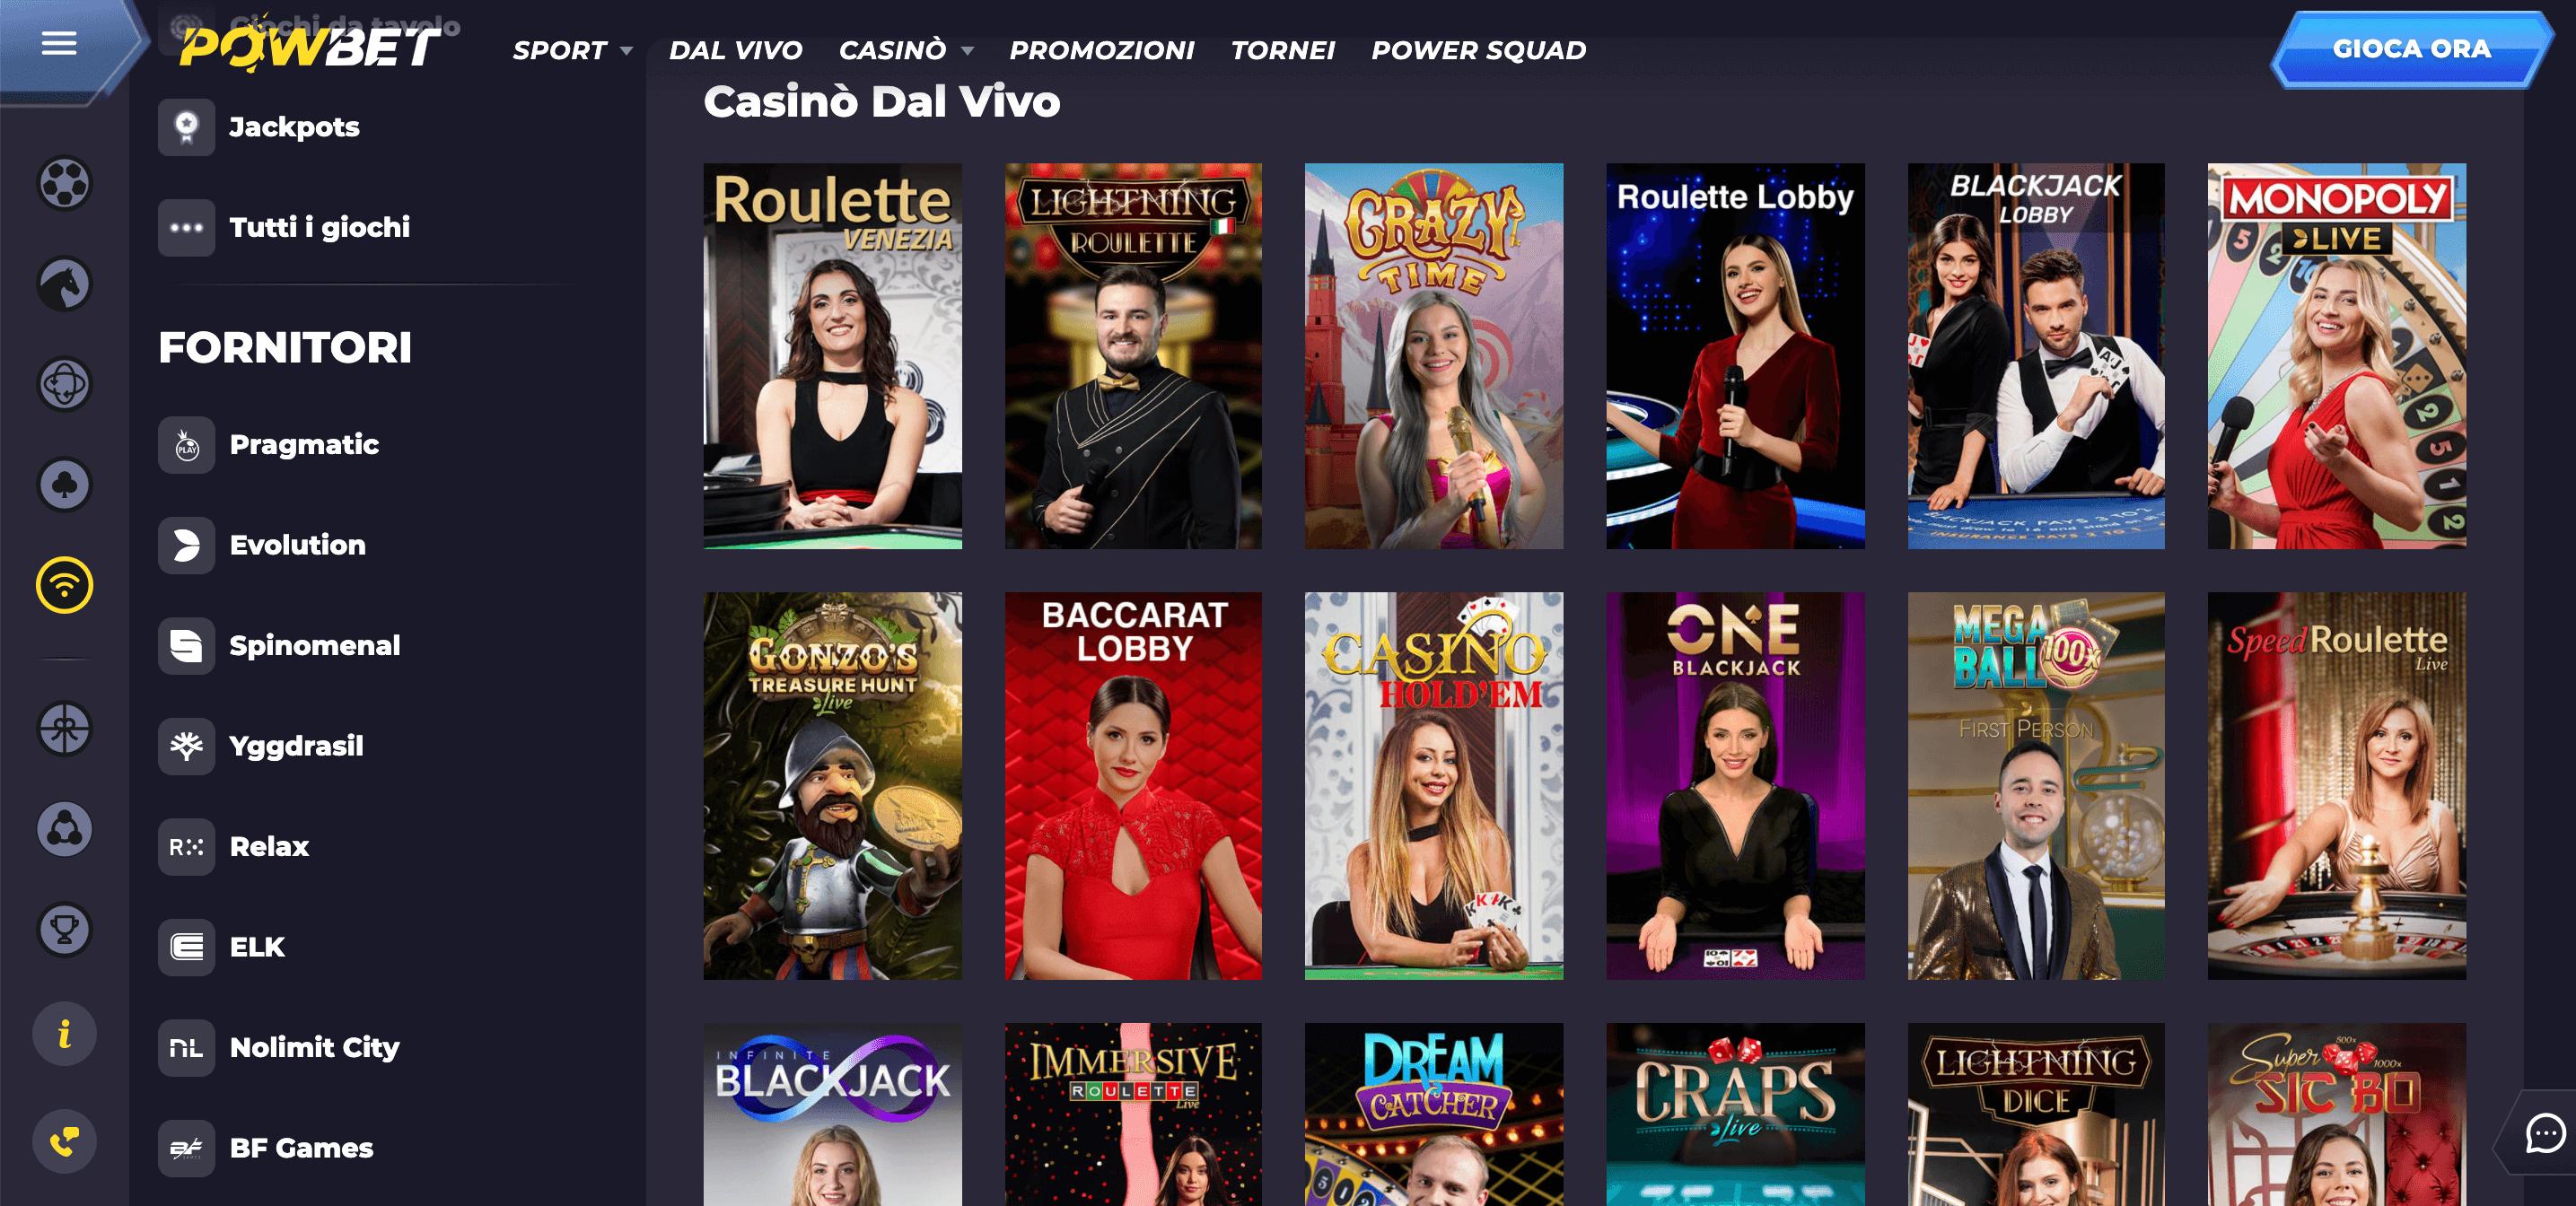 Powbet Casino Slot Live